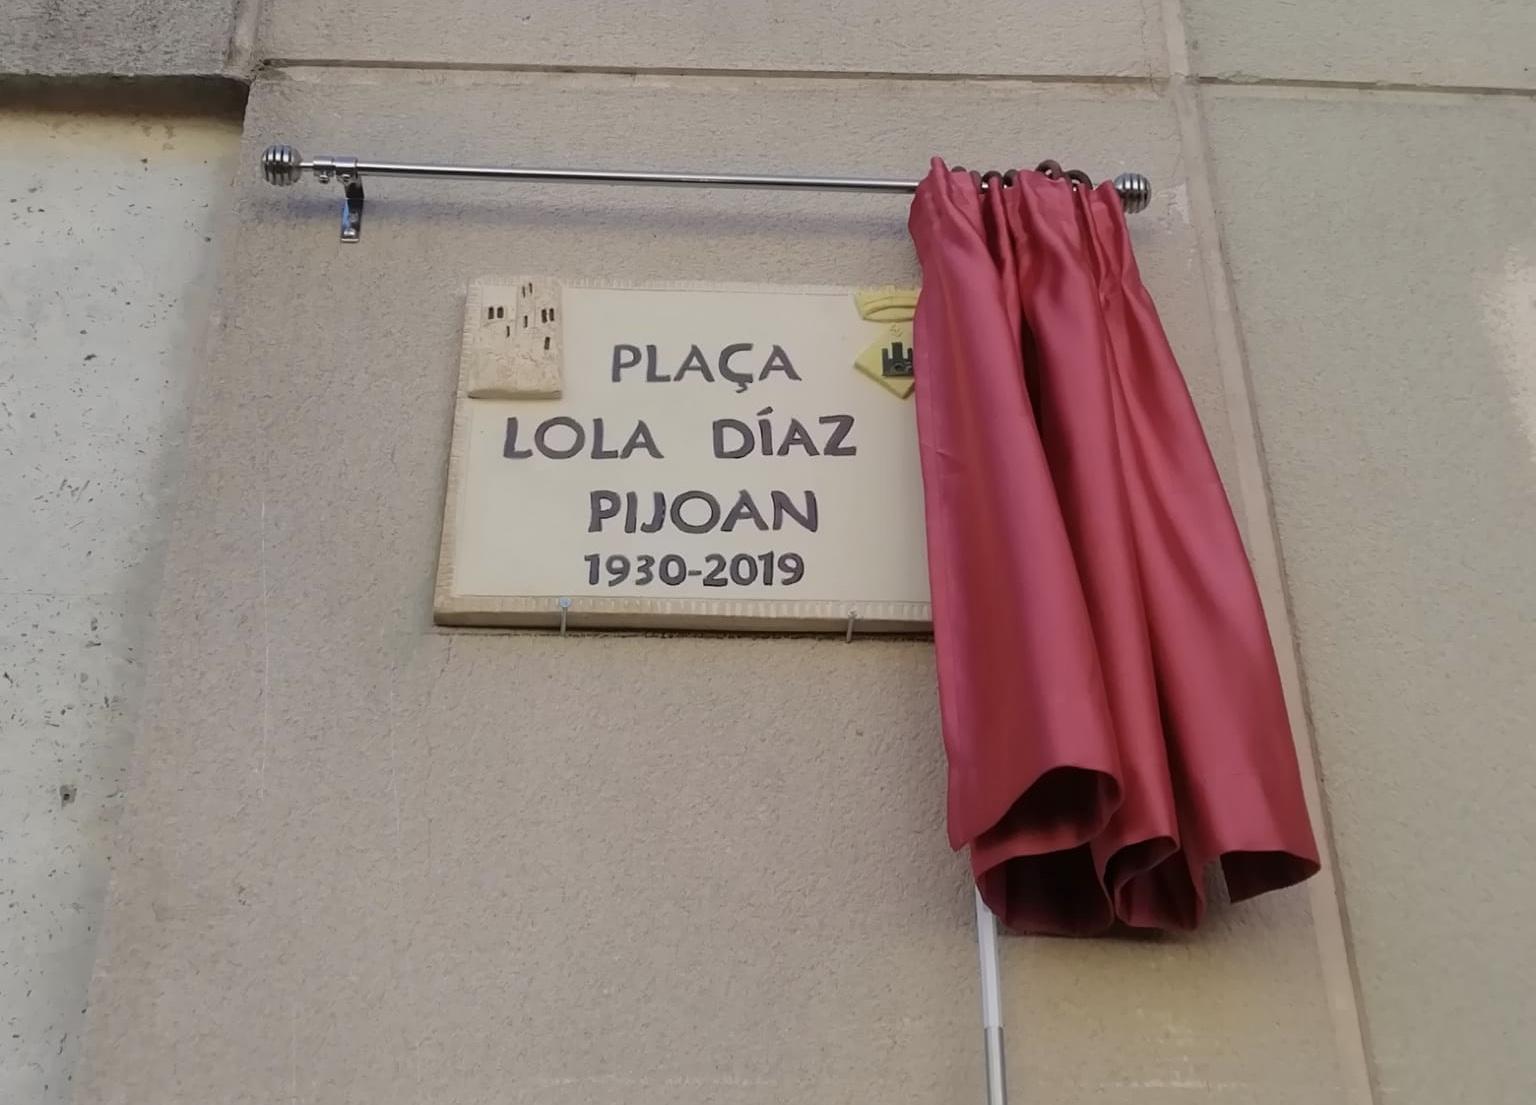 La regidora de Cultura ha assistit a l'homenatge i inauguració de la plaça Lola Díaz i Pijoan de Santa Oliva